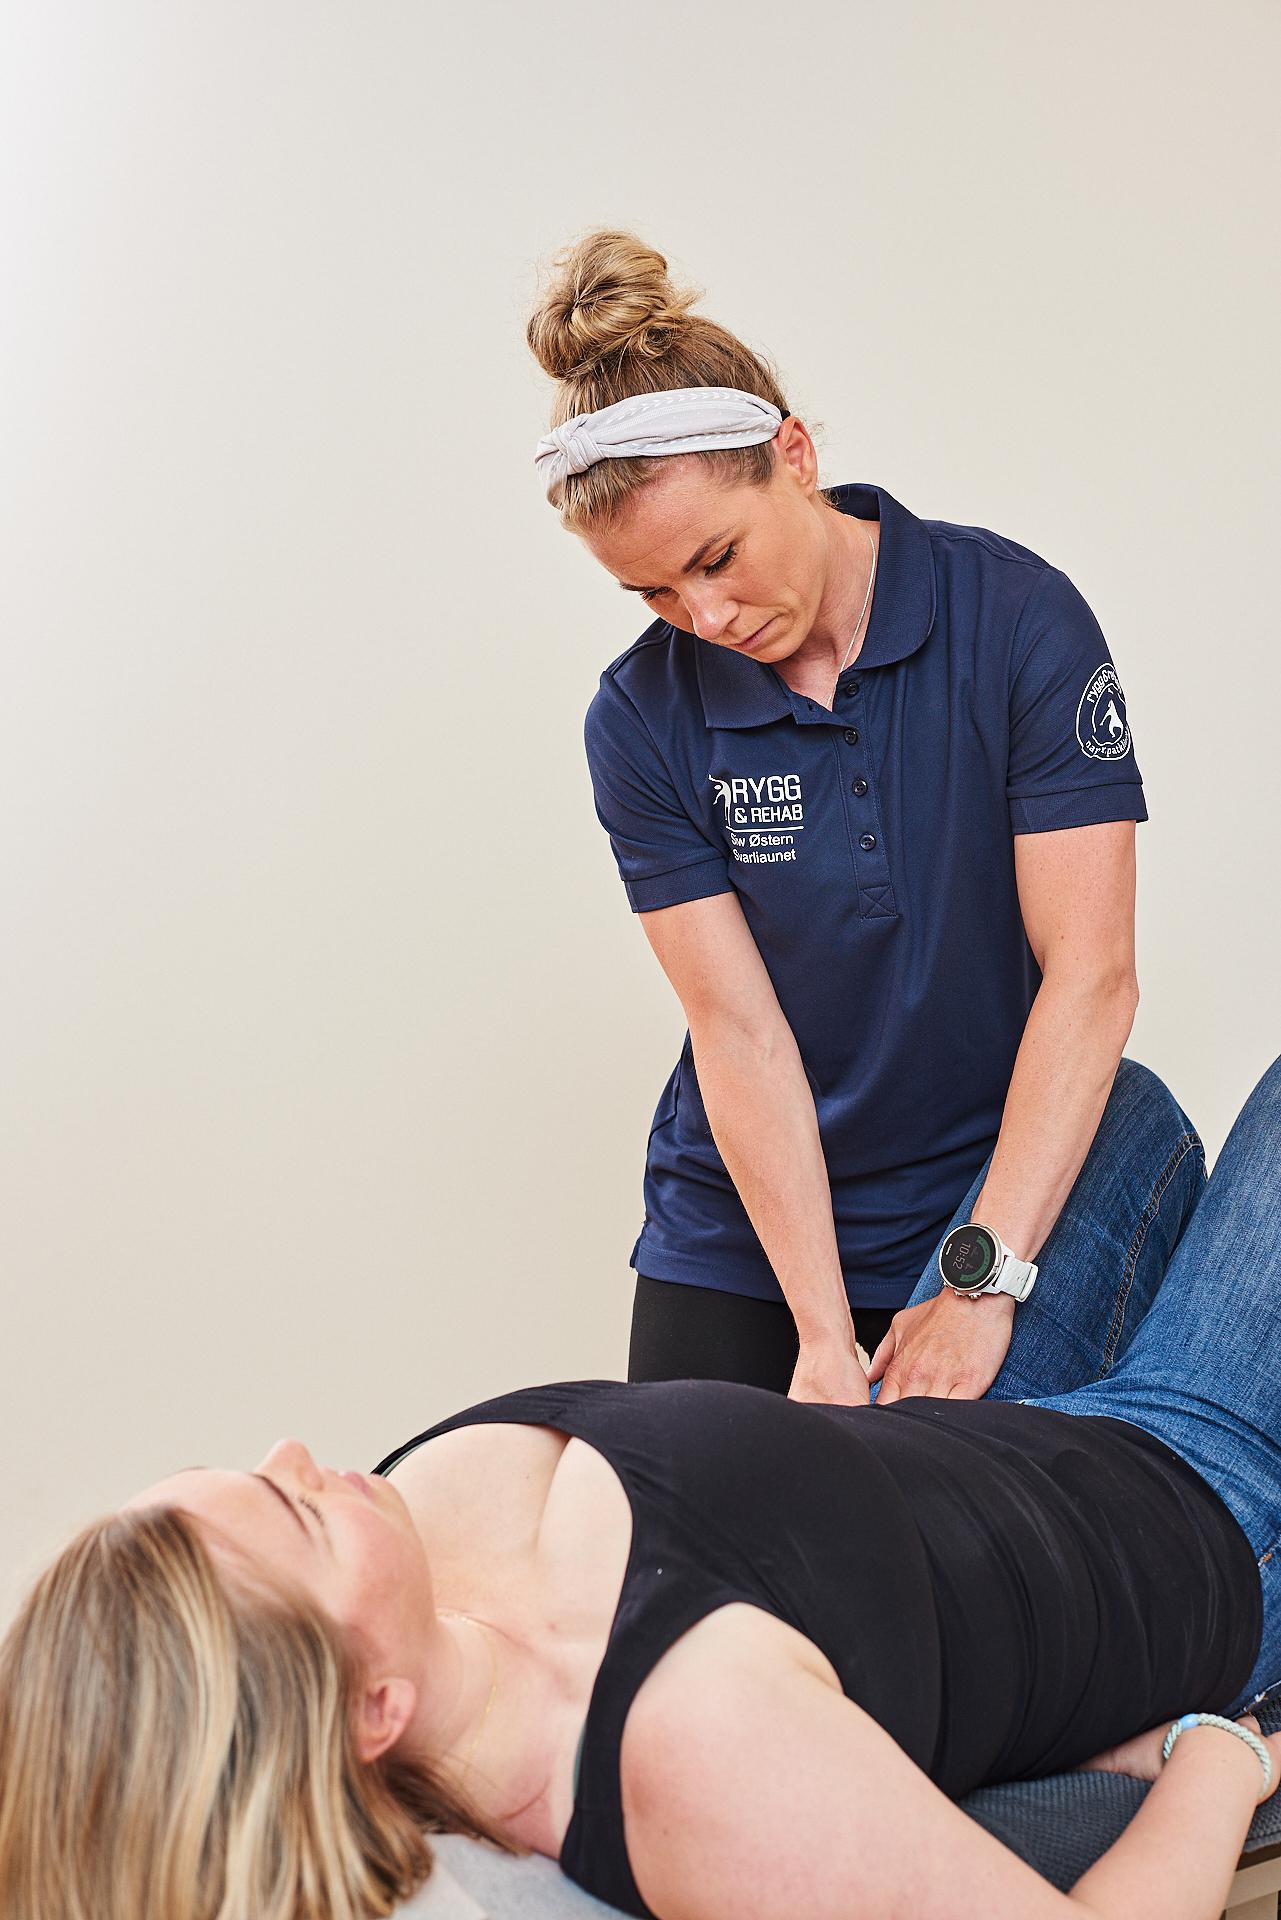 Behandling gravid kiropraktor